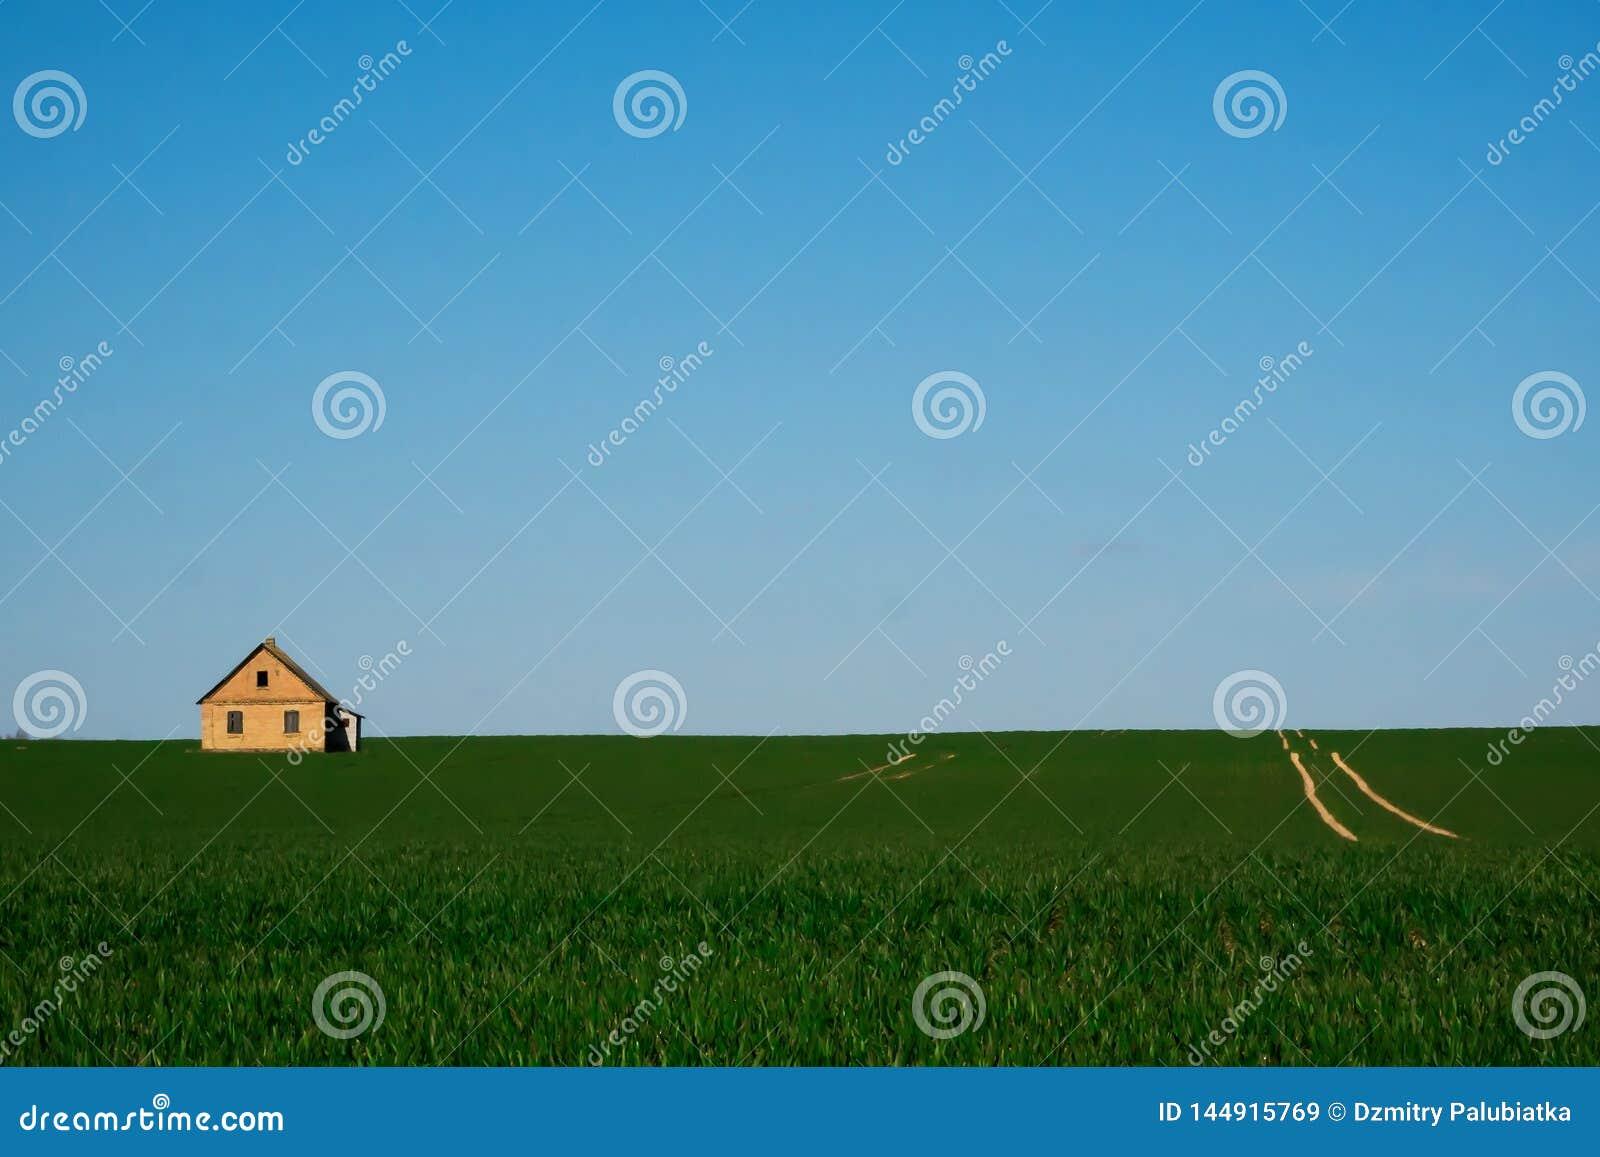 Osamotniony dom w zielonym polu